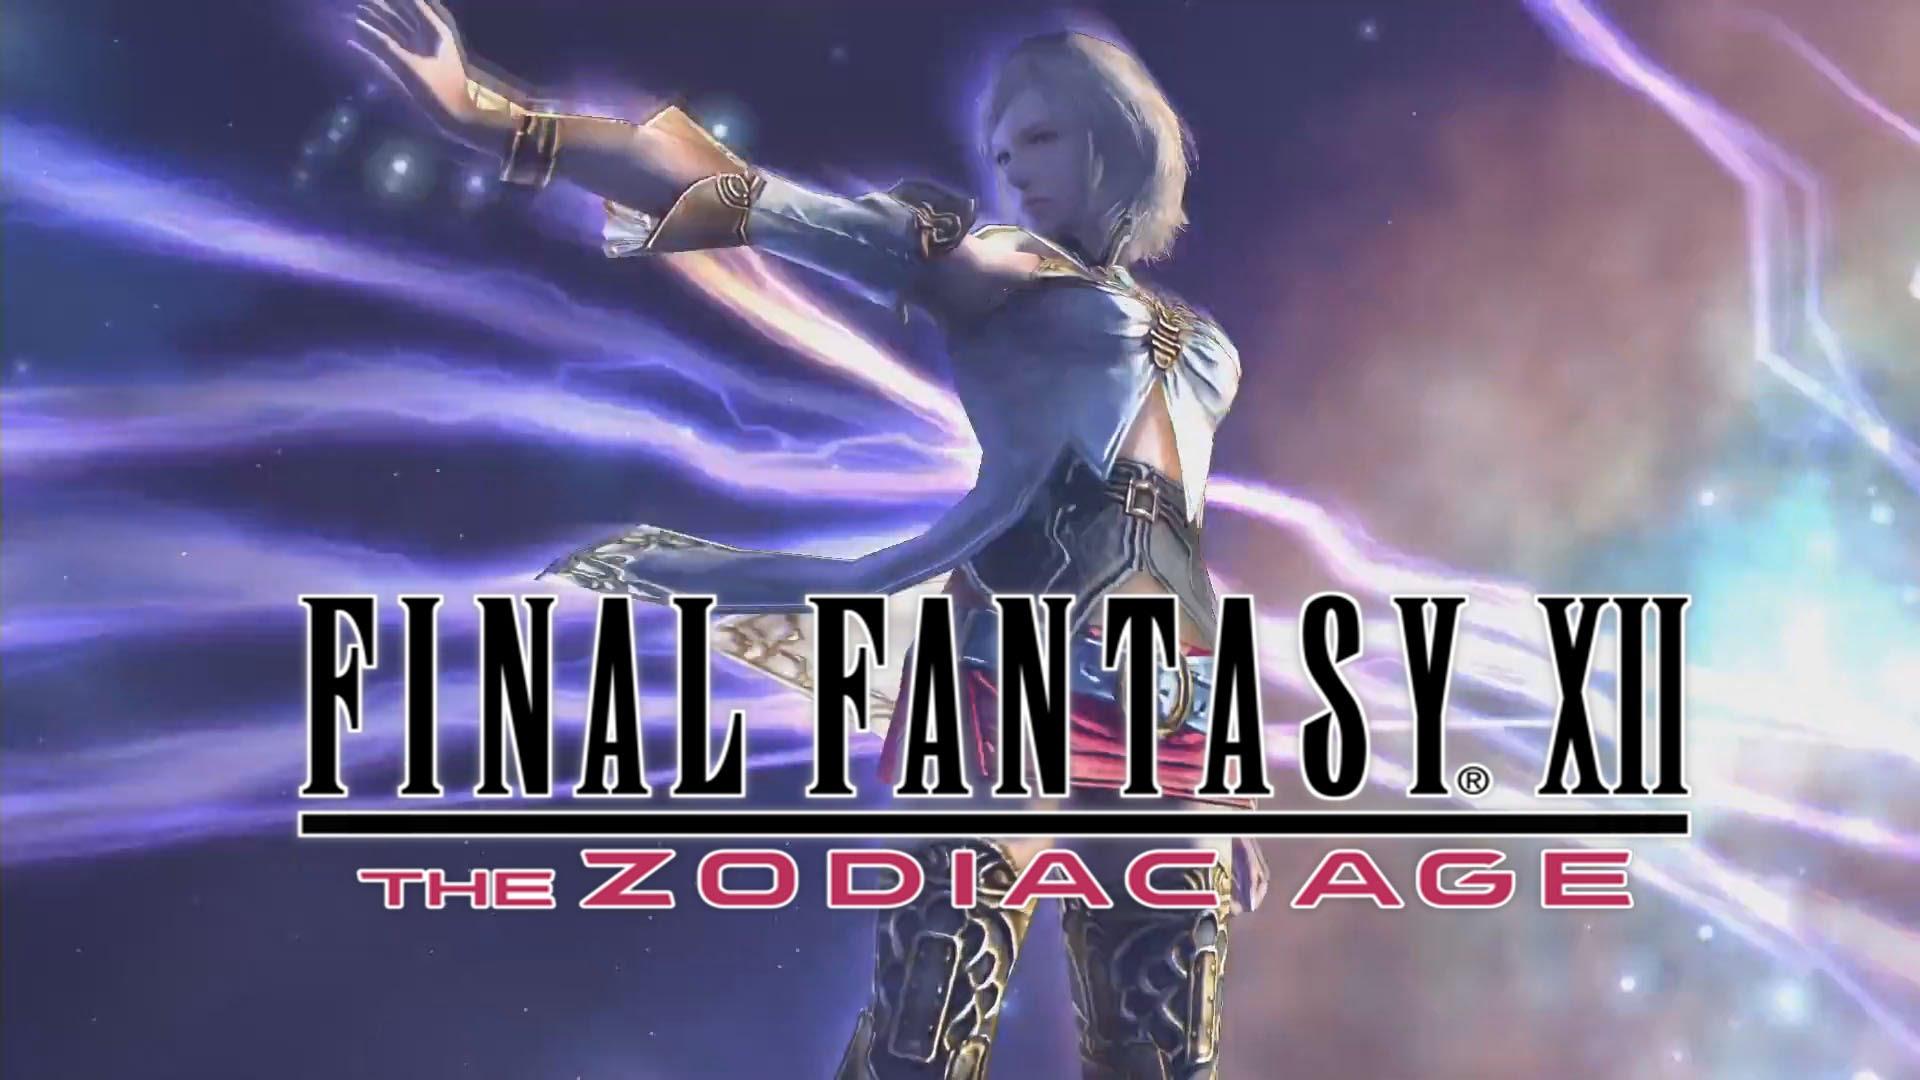 Final Fantasy XII: The Zodiac Age è ufficialmente tra noi!